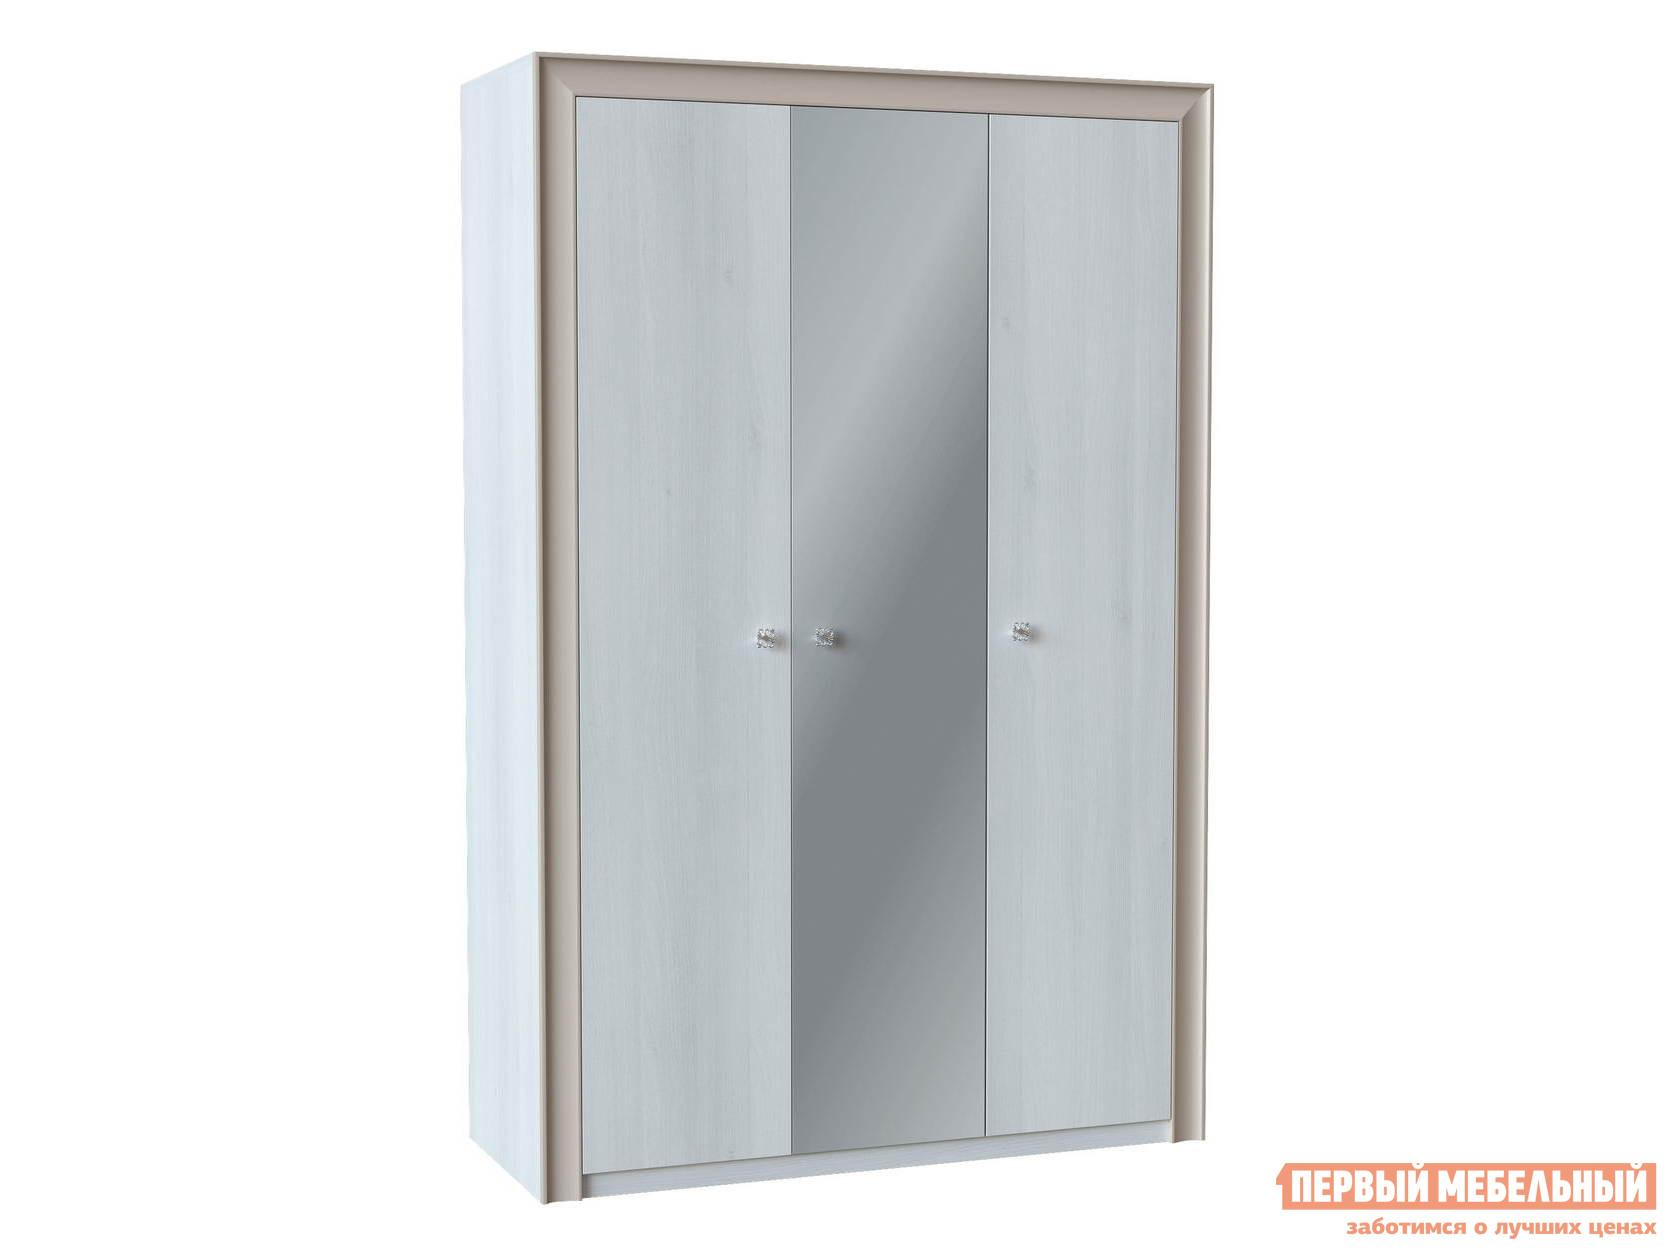 Шкаф распашной с зеркалом Первый Мебельный Прато Ш3 с зеркалом